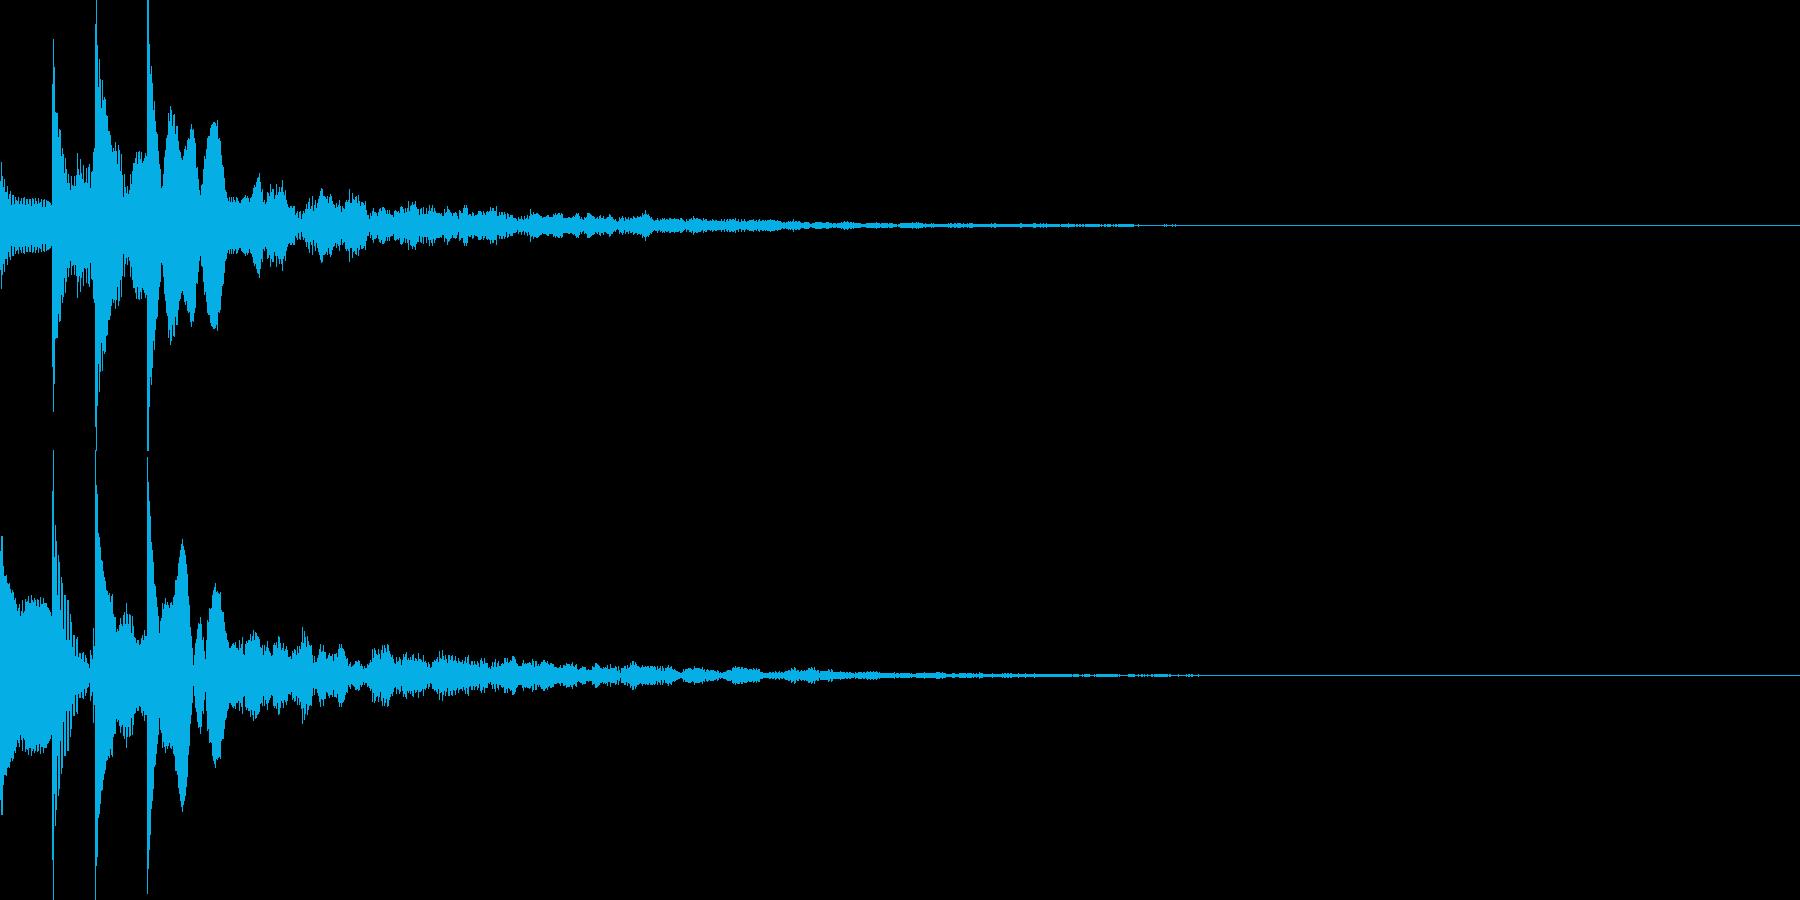 セクション音01の再生済みの波形